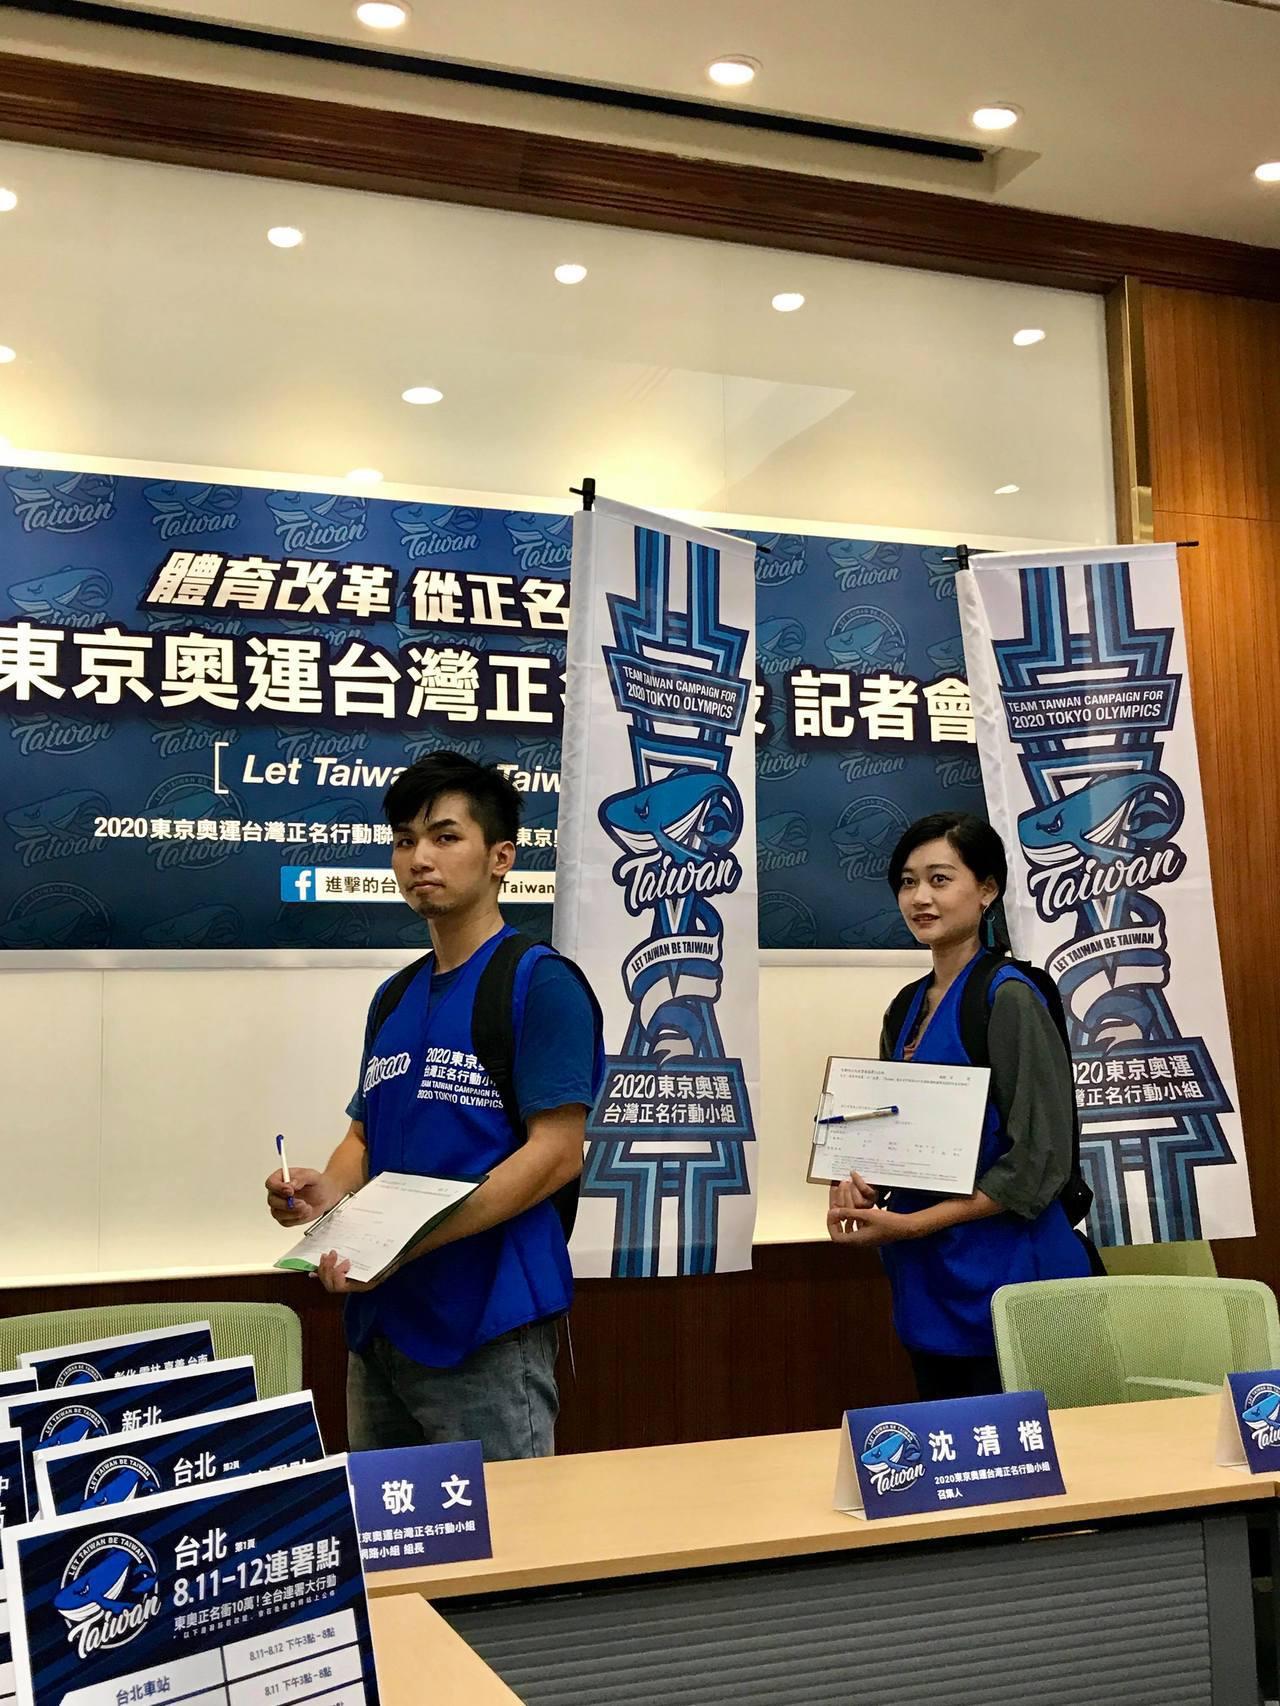 東奧正名行動小組11、12日在全台54個點,邀民眾同步參與連署。記者林麒瑋/攝影